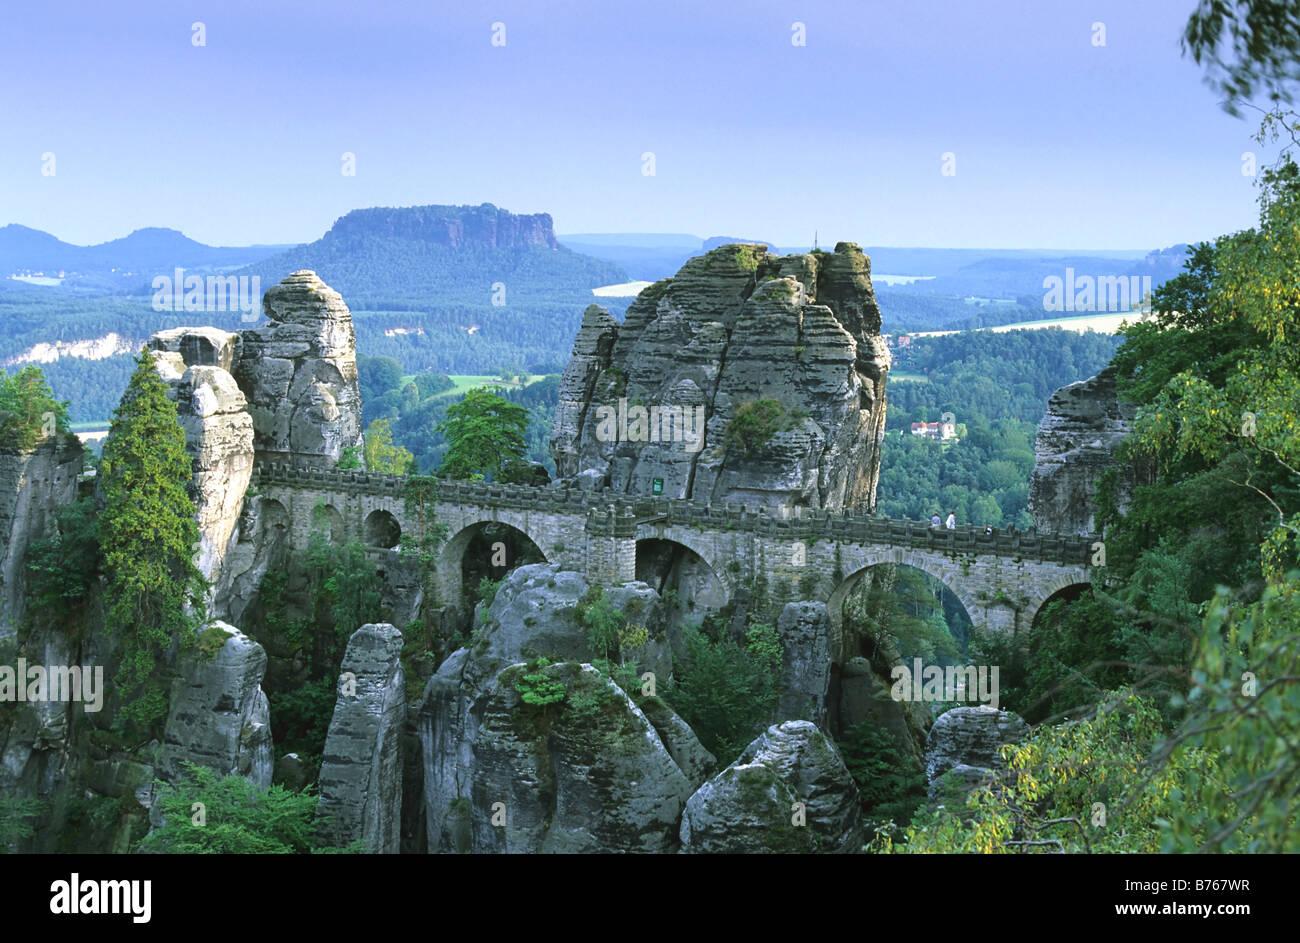 Elbsandsteingebirge bei Rathen Bastei Nationalpark Saechsische Schweiz Basteibruecke Sandstone cliffs Germany Deutschland - Stock Image